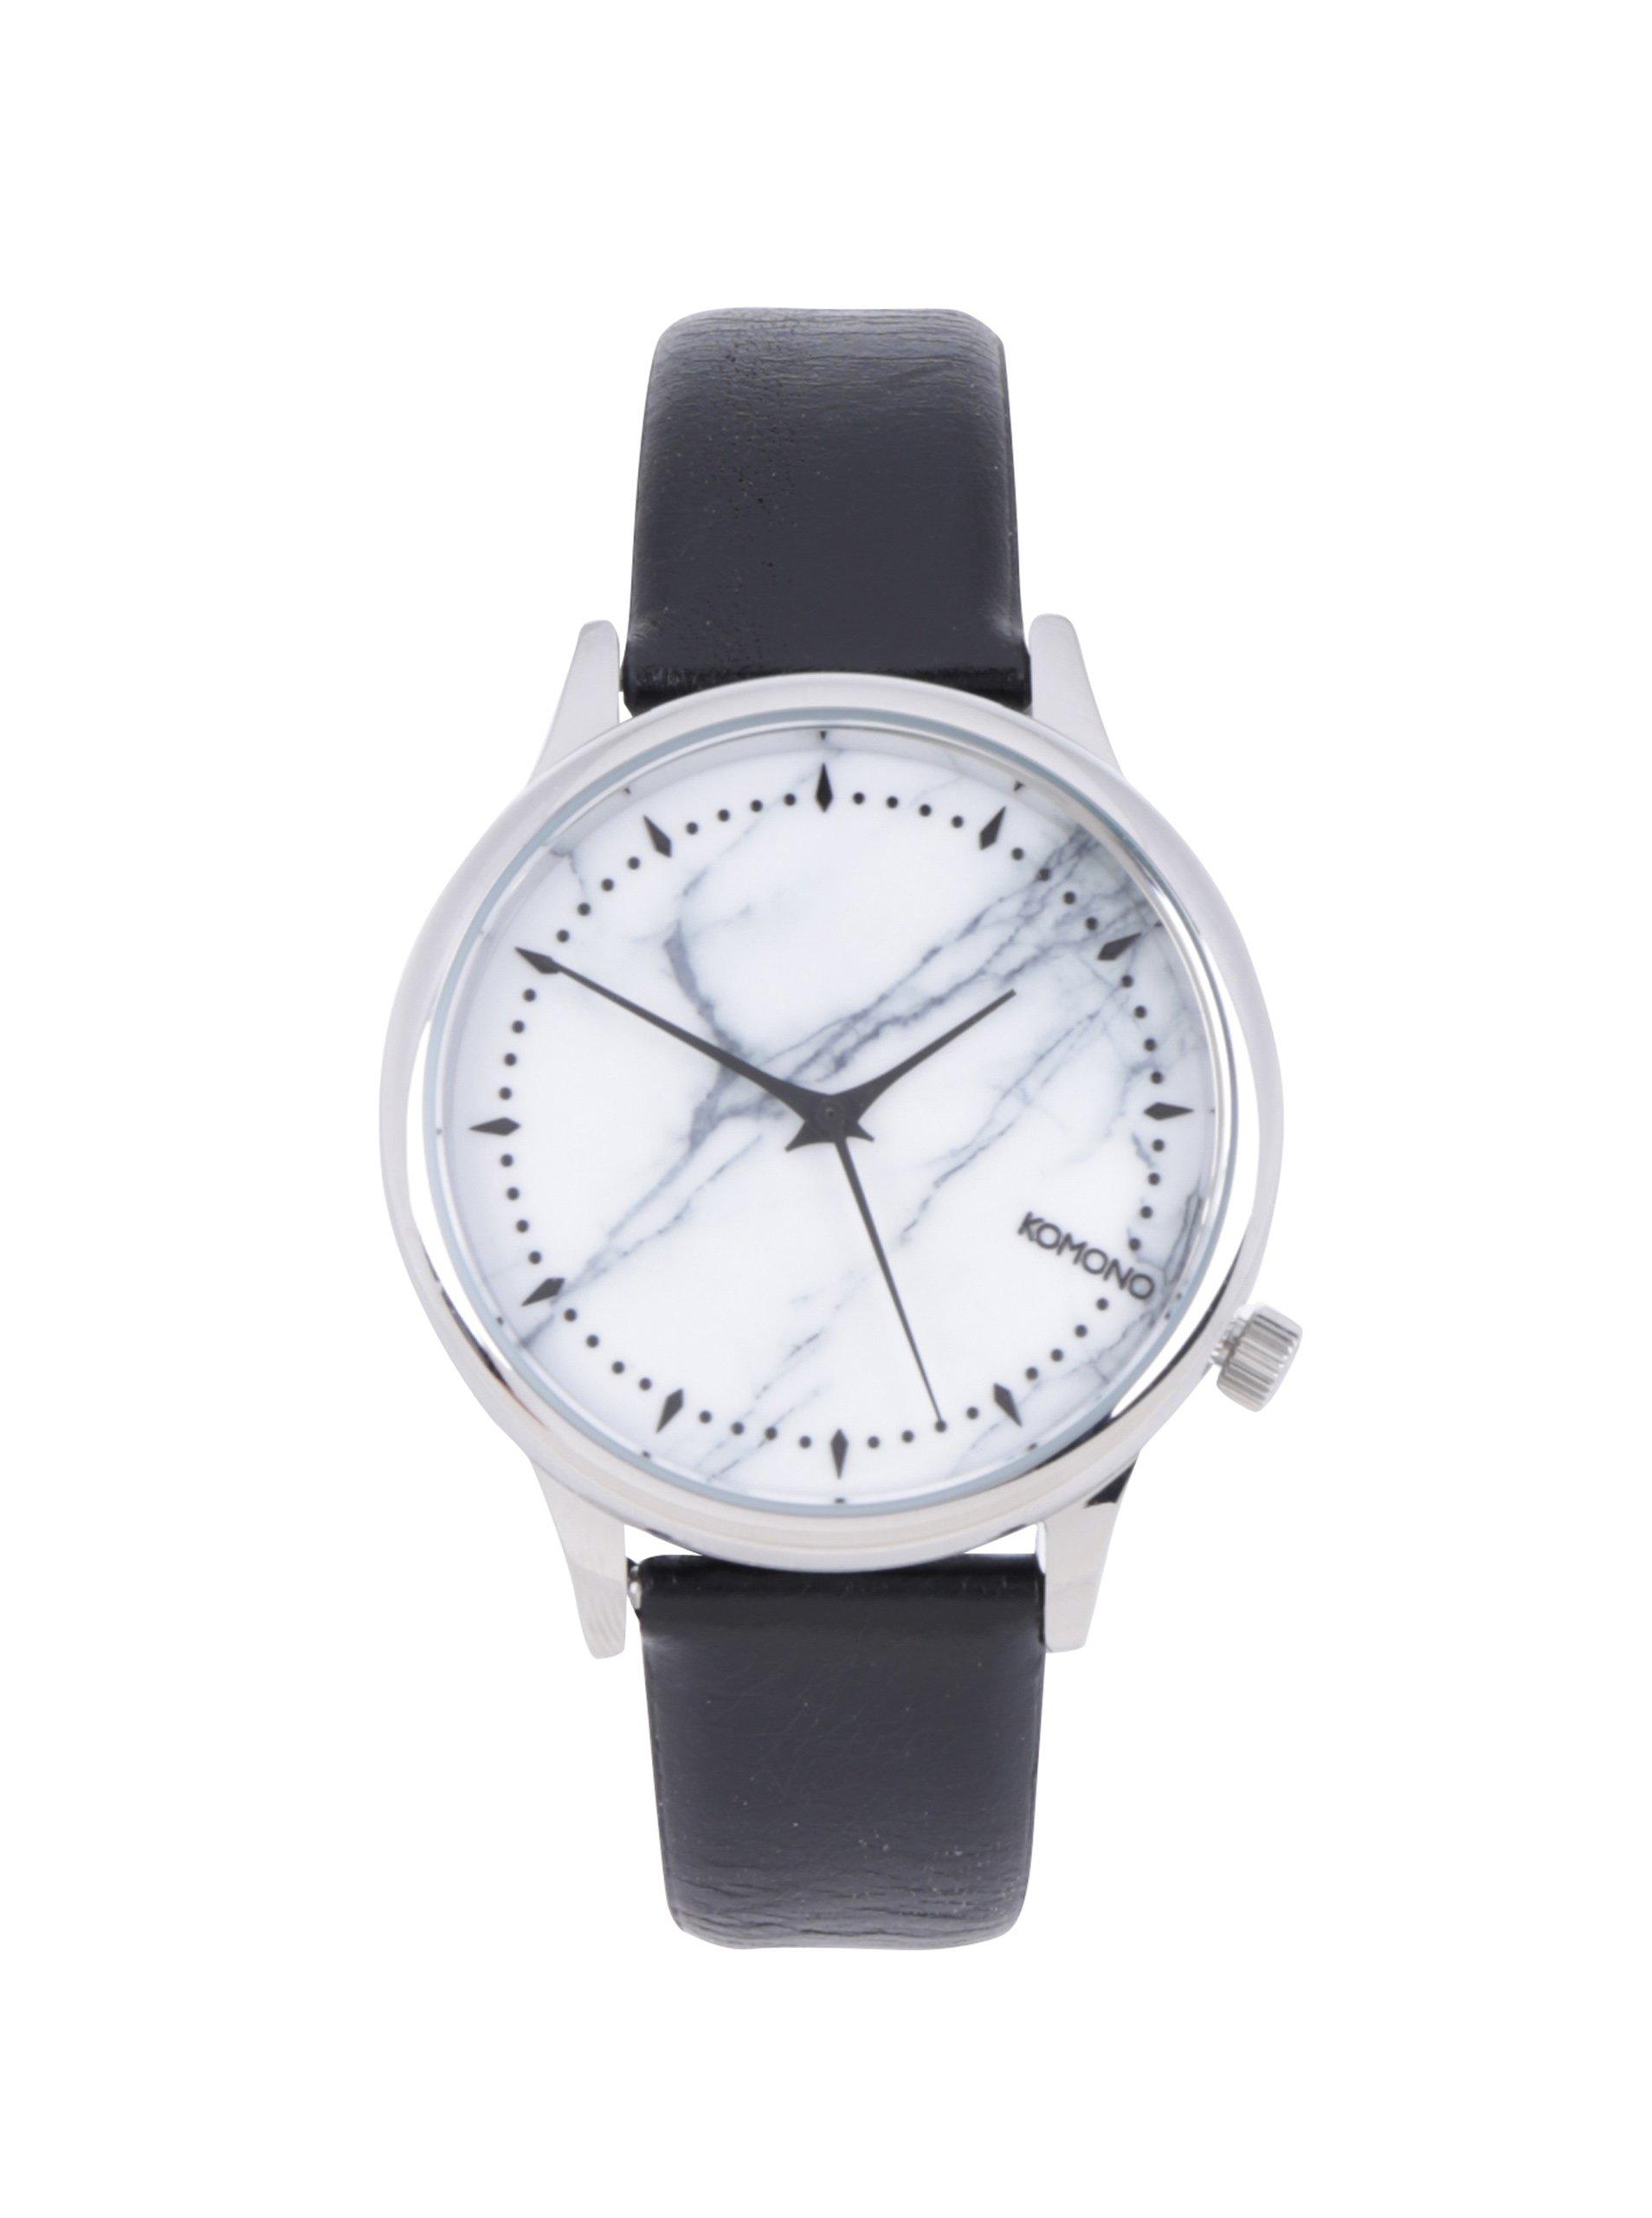 Dámské hodinky s mramorovaným ciferníkem a černým koženým páskem Komono Estelle Marble